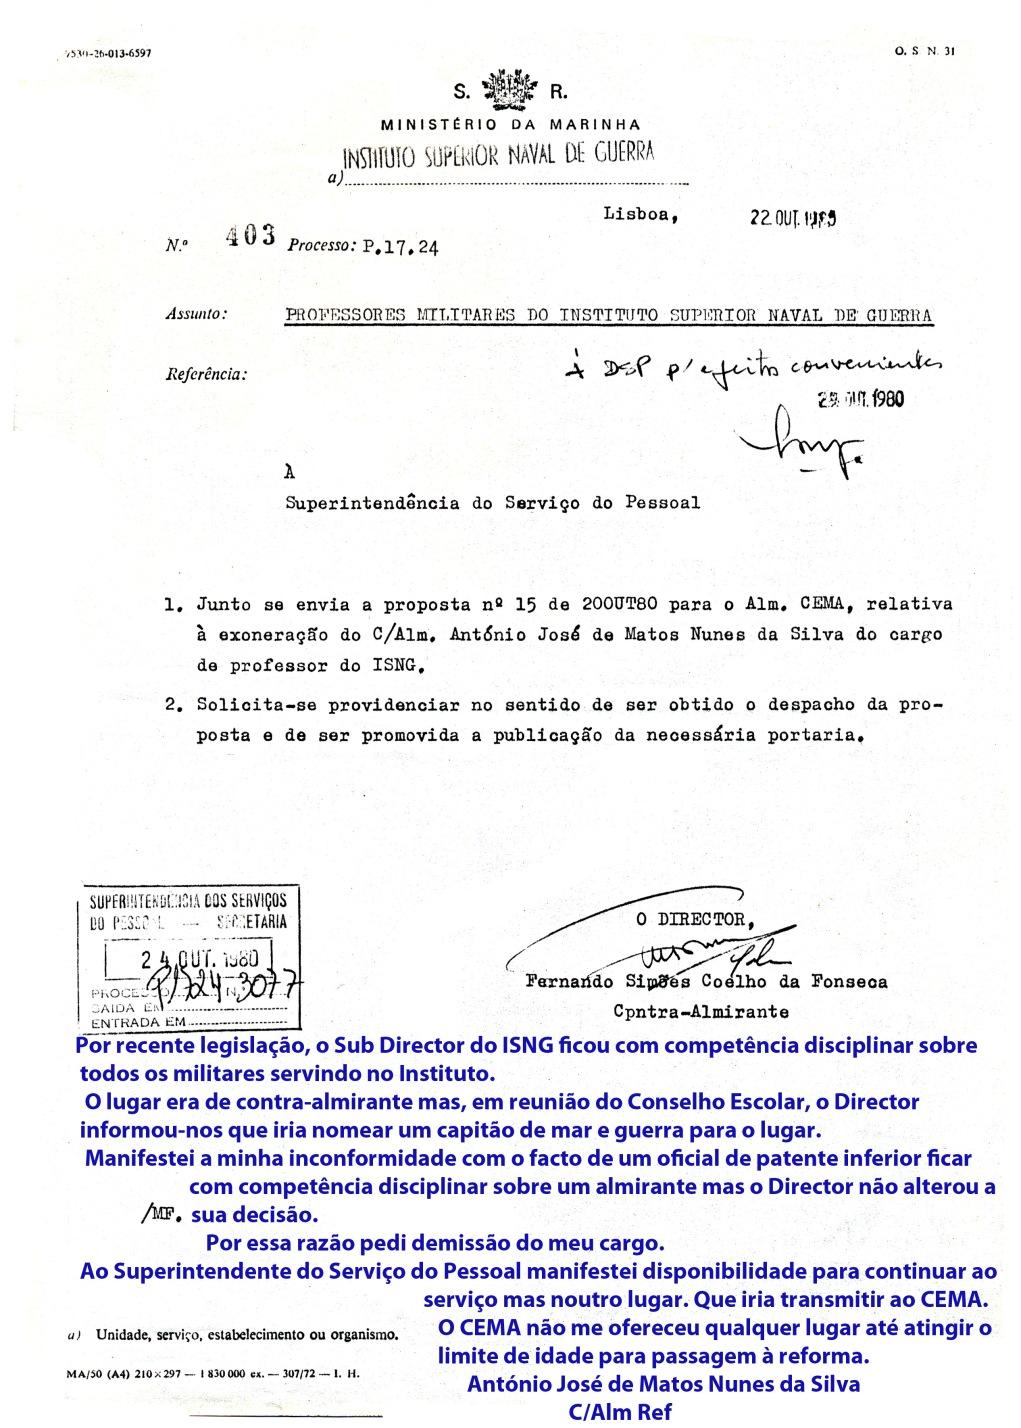 00890 980-10-22 Director envia proposta da minha exoneração de professor do ISNG e nesta cópia escrevi minha anotação explicativa